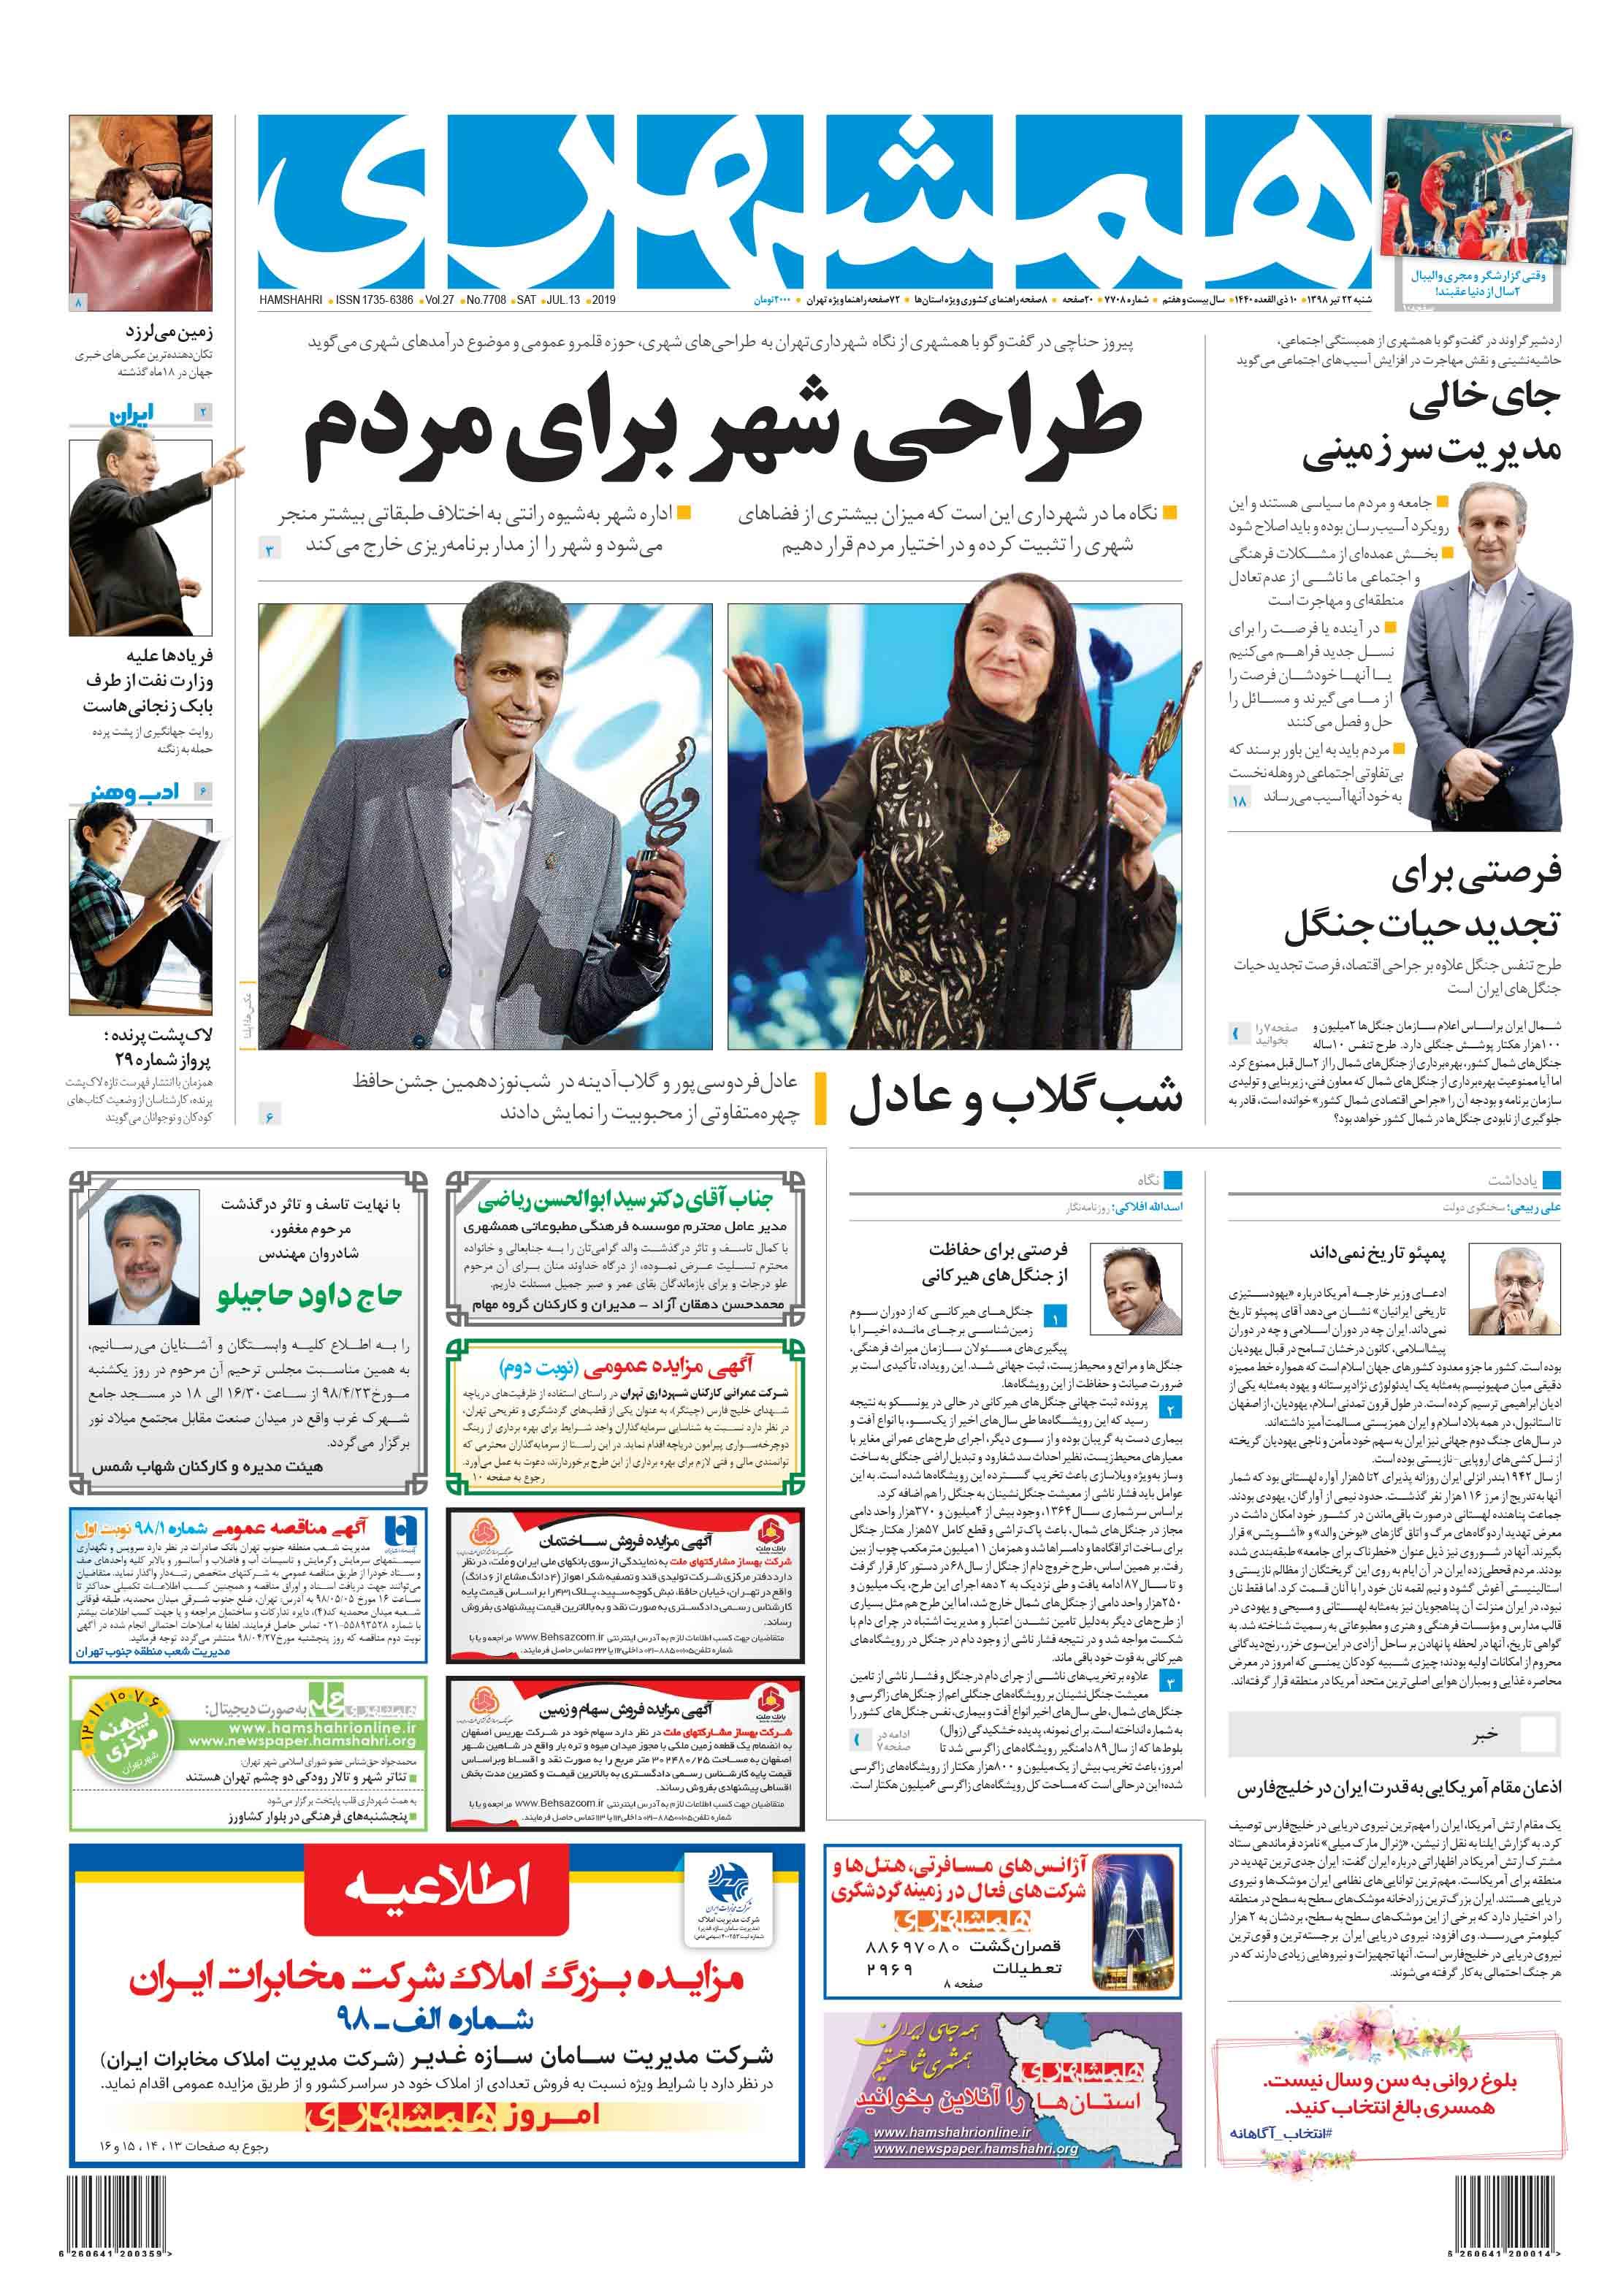 صفحه اول شنبه 22 تیر 1398